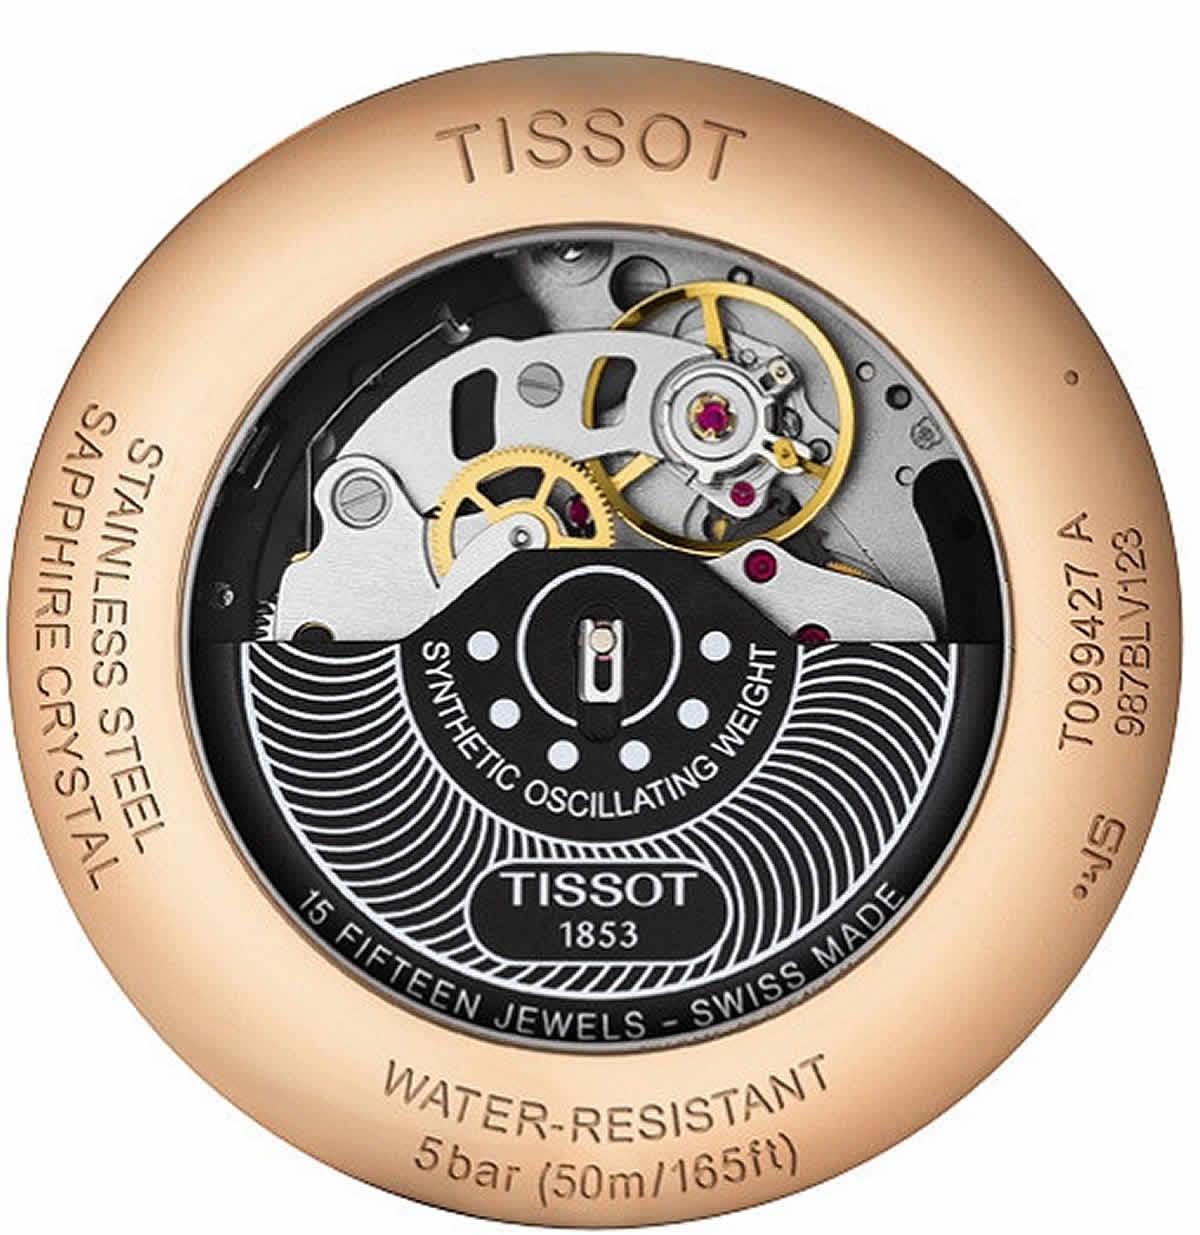 ティソ(TISSOT)シュマン・ド・トゥレル(CHEMIN DES TOURELLES AUTOMATIC)クロノグラフ T099.427.11.038.00